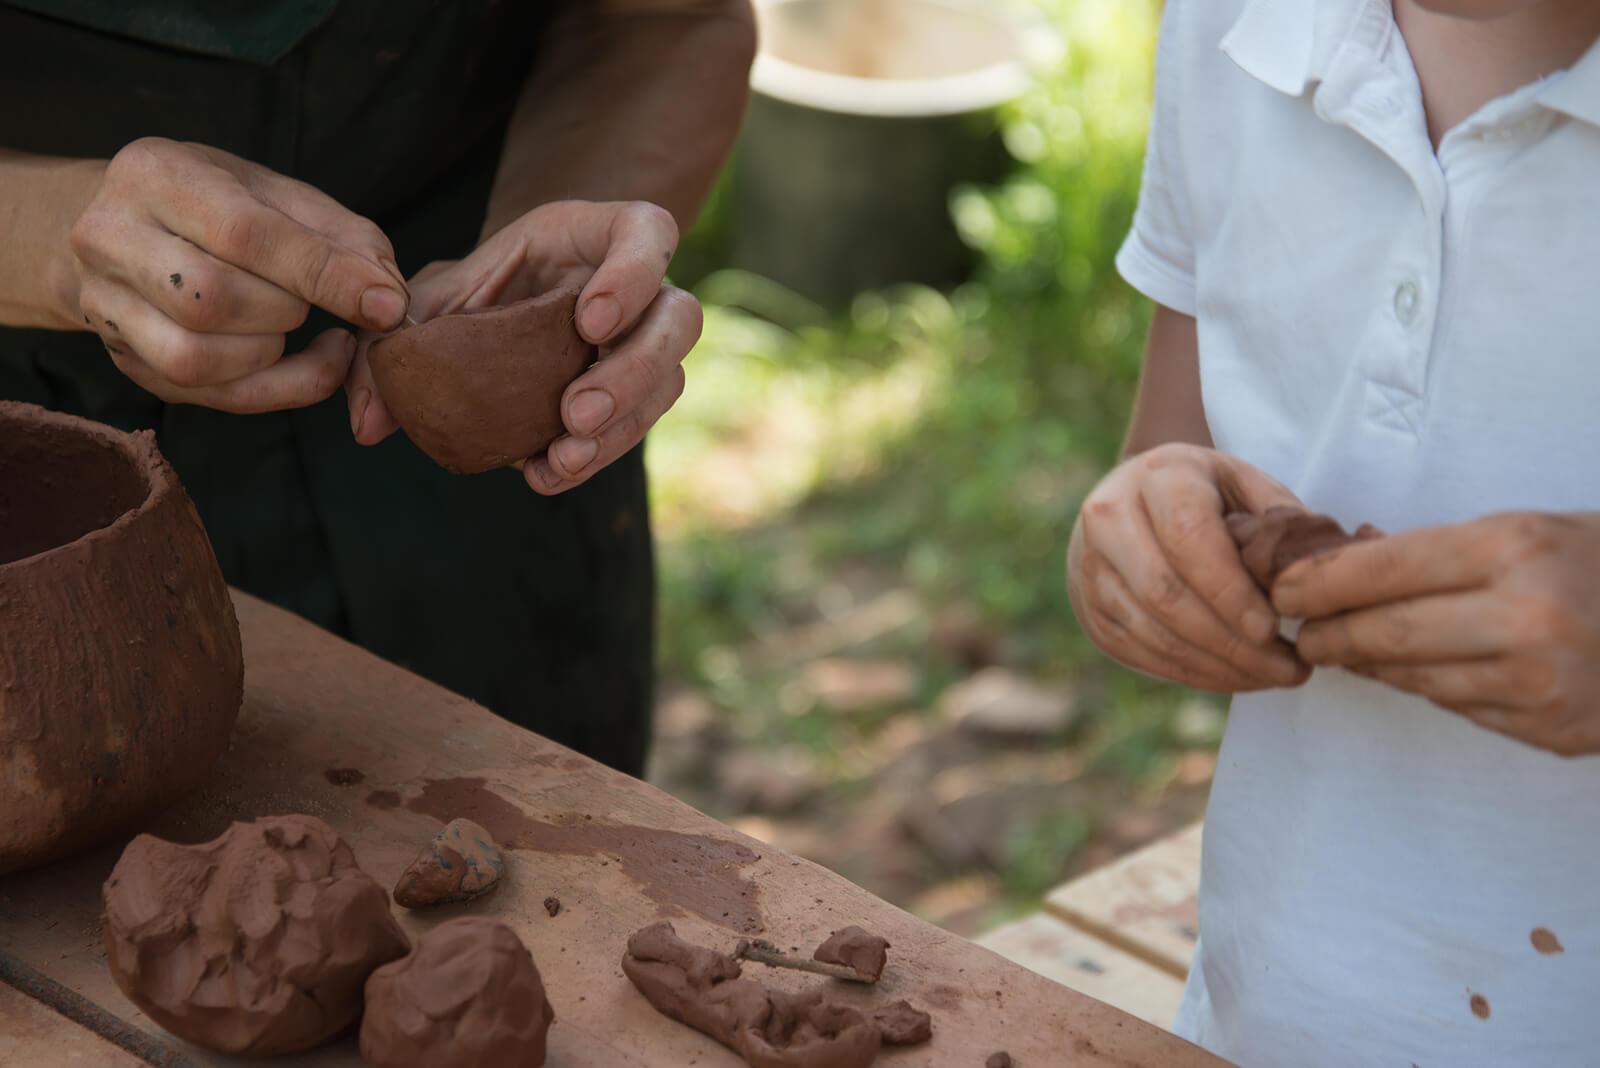 Padre e hijo haciendo figuras con barro.